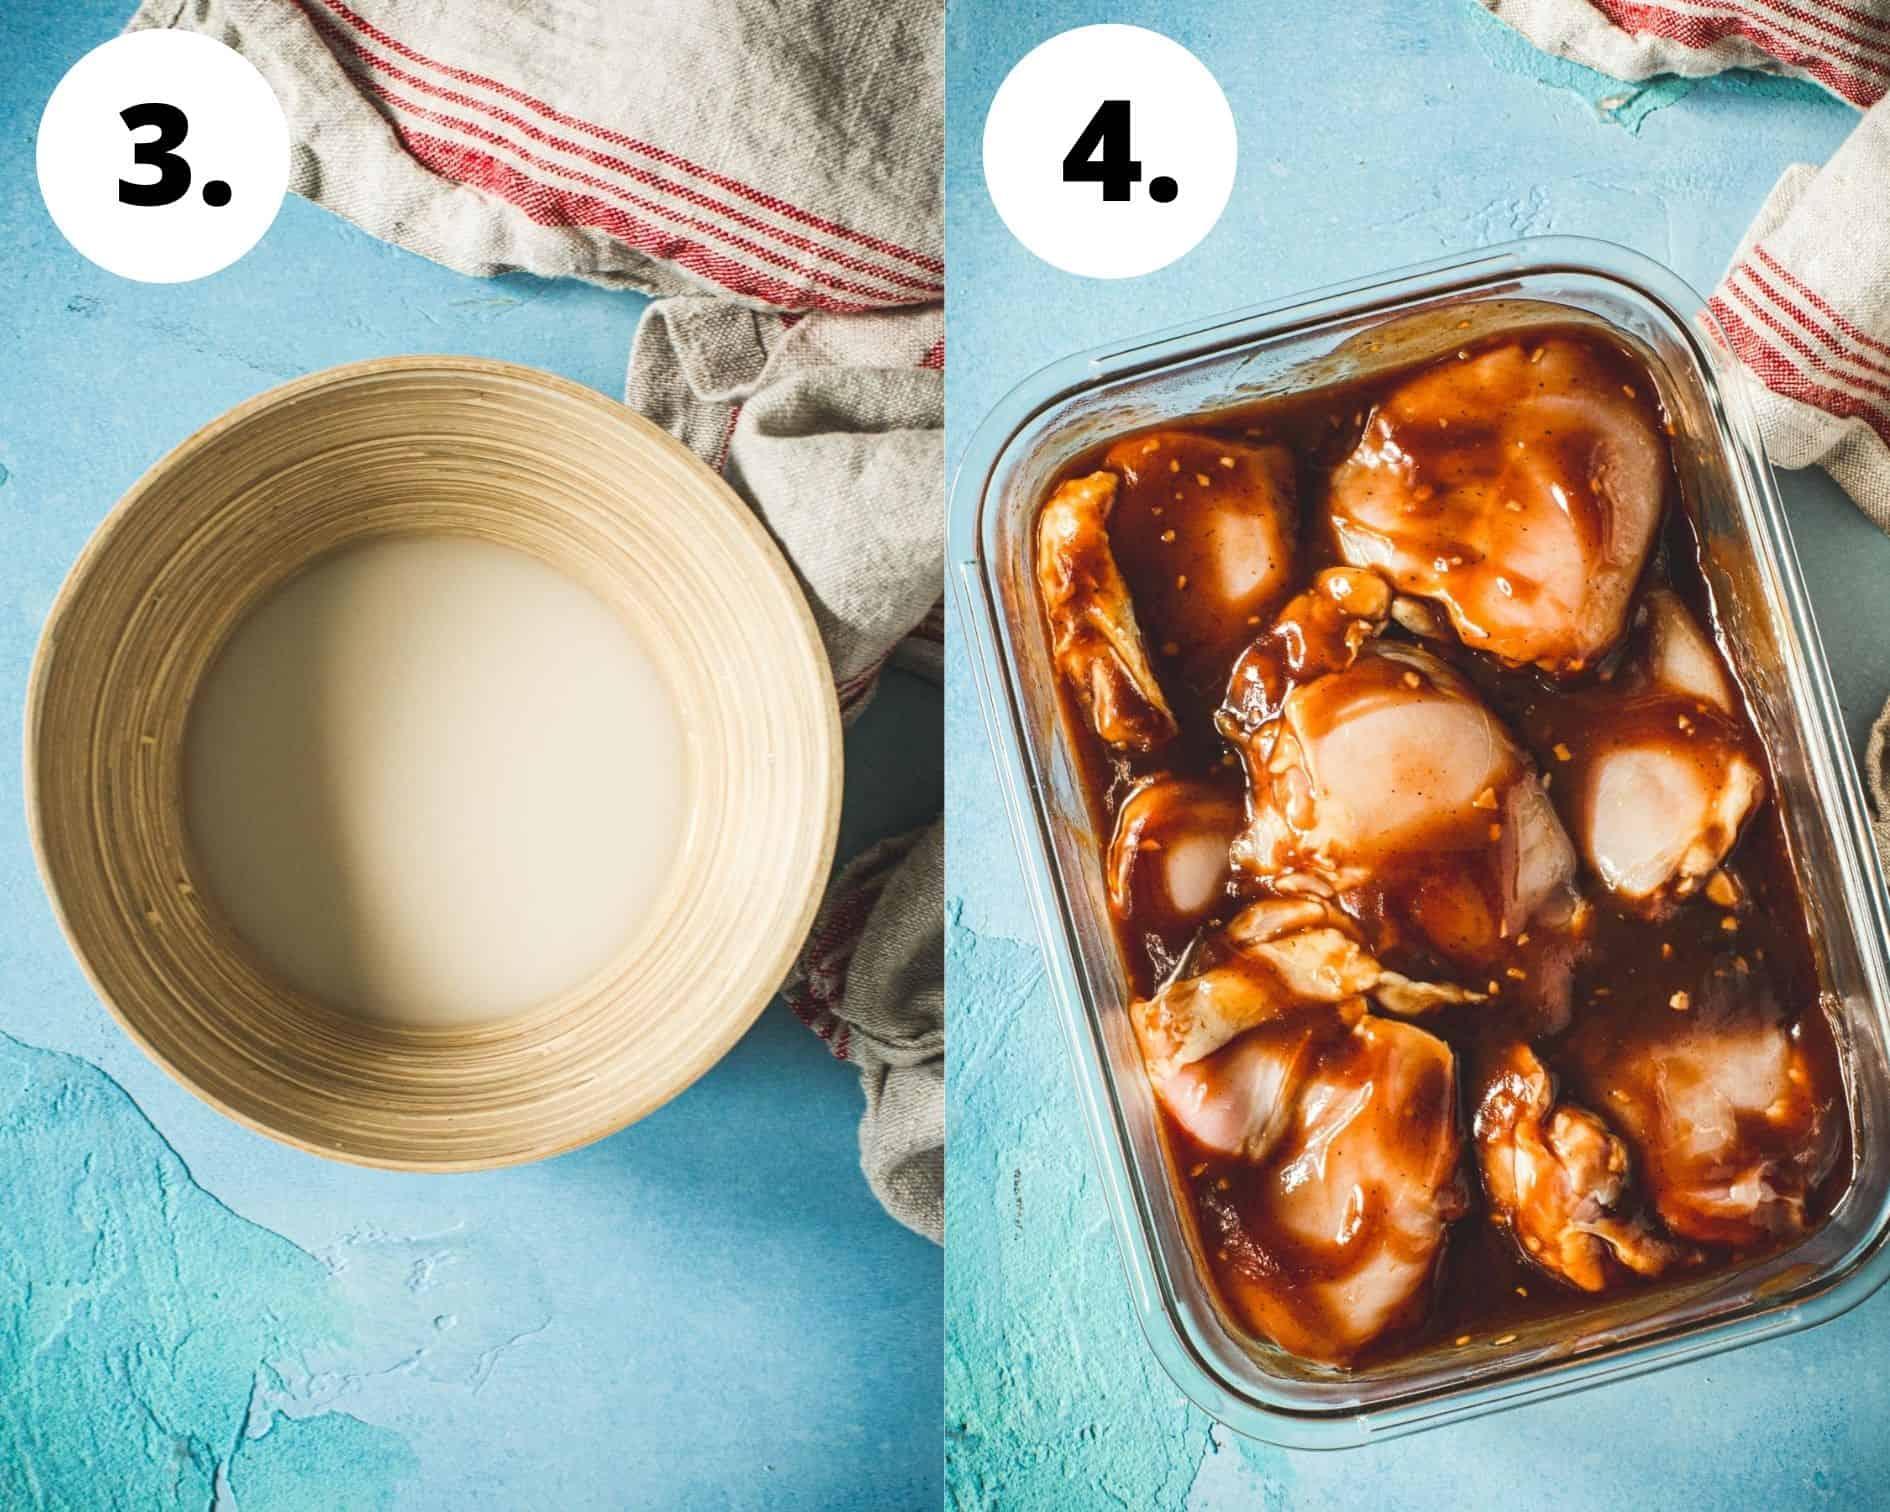 Huli huli chicken process steps 3 and 4.